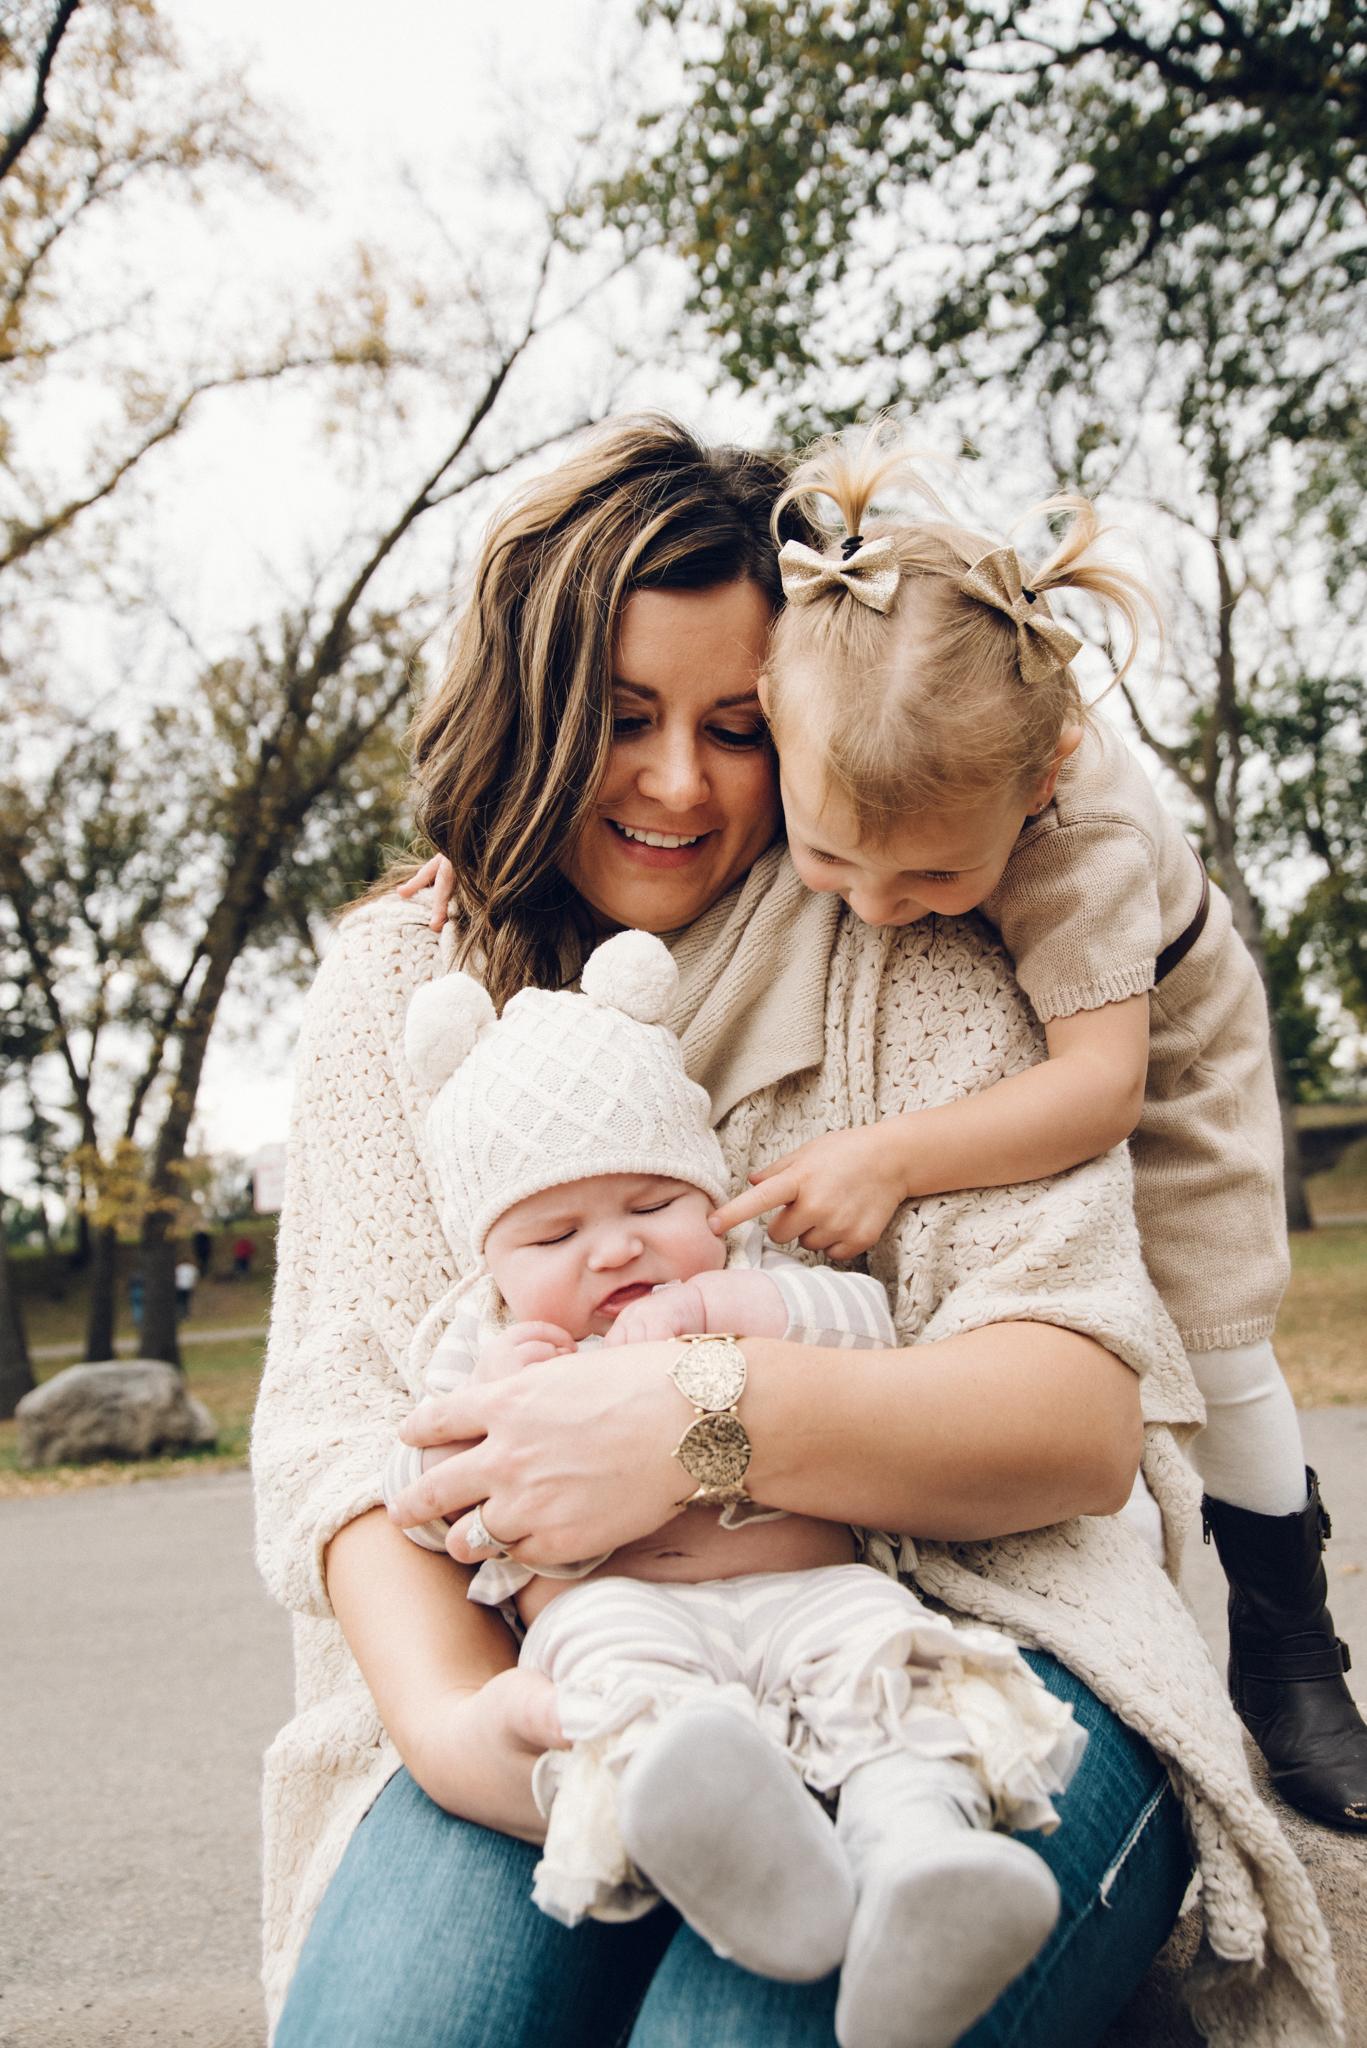 Childrens_Family_Photographer_Fargo_Moorhead-5123.jpg